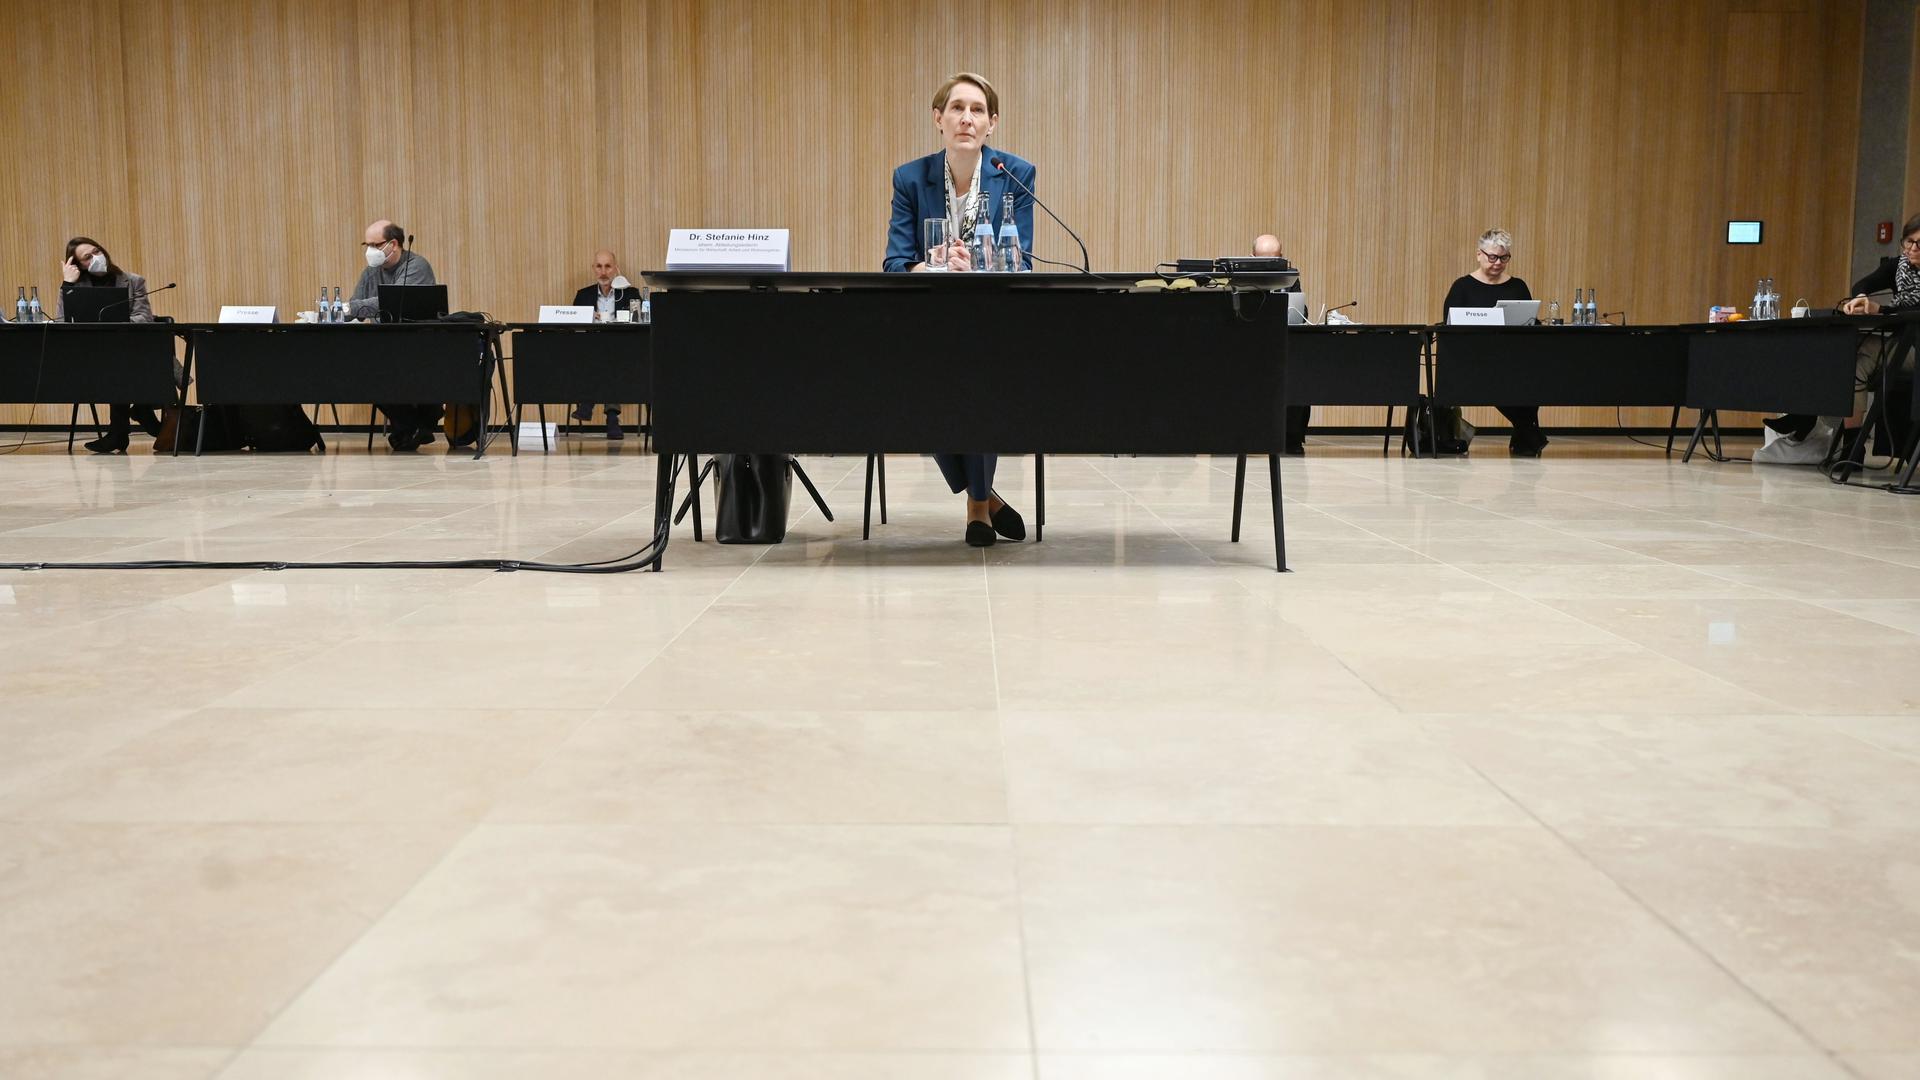 Kritische Fragen: Stefanie Hinz, Polizeipräsidentin des Landes und damals verantwortliche Abteilungsleiterin, musste sich bereits vergangenes Jahr dem Untersuchungsausschuss des Landtags zum Streit um einen Pavillon für die Expo in Dubai stellen.